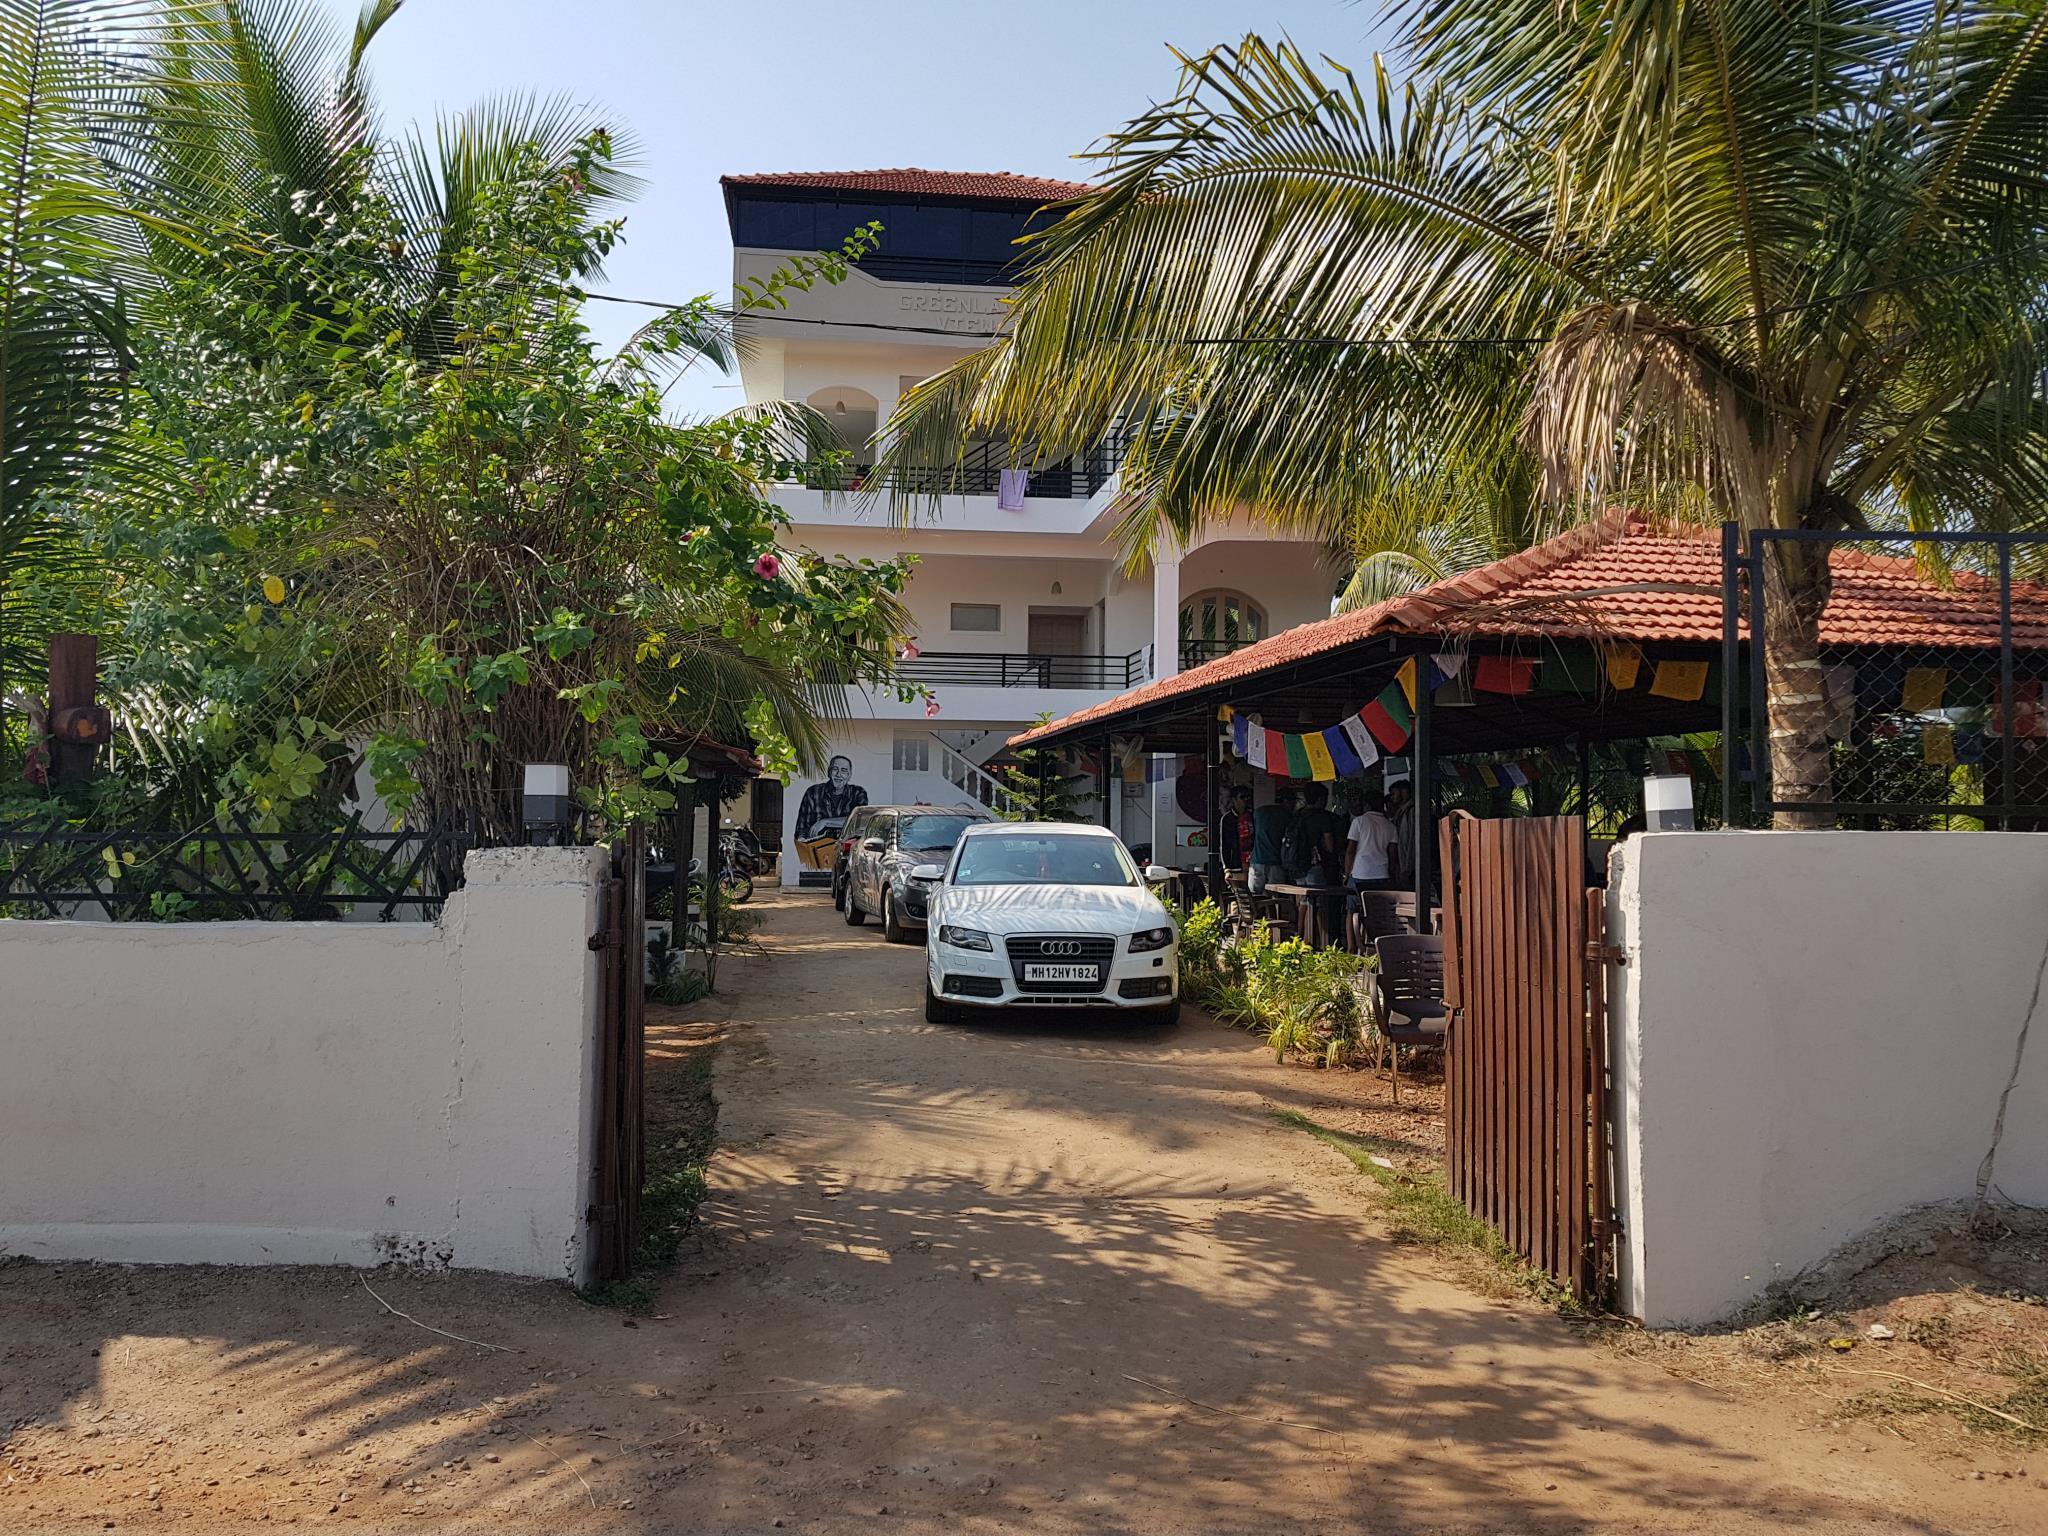 Moustache Goa Cowork Hostel